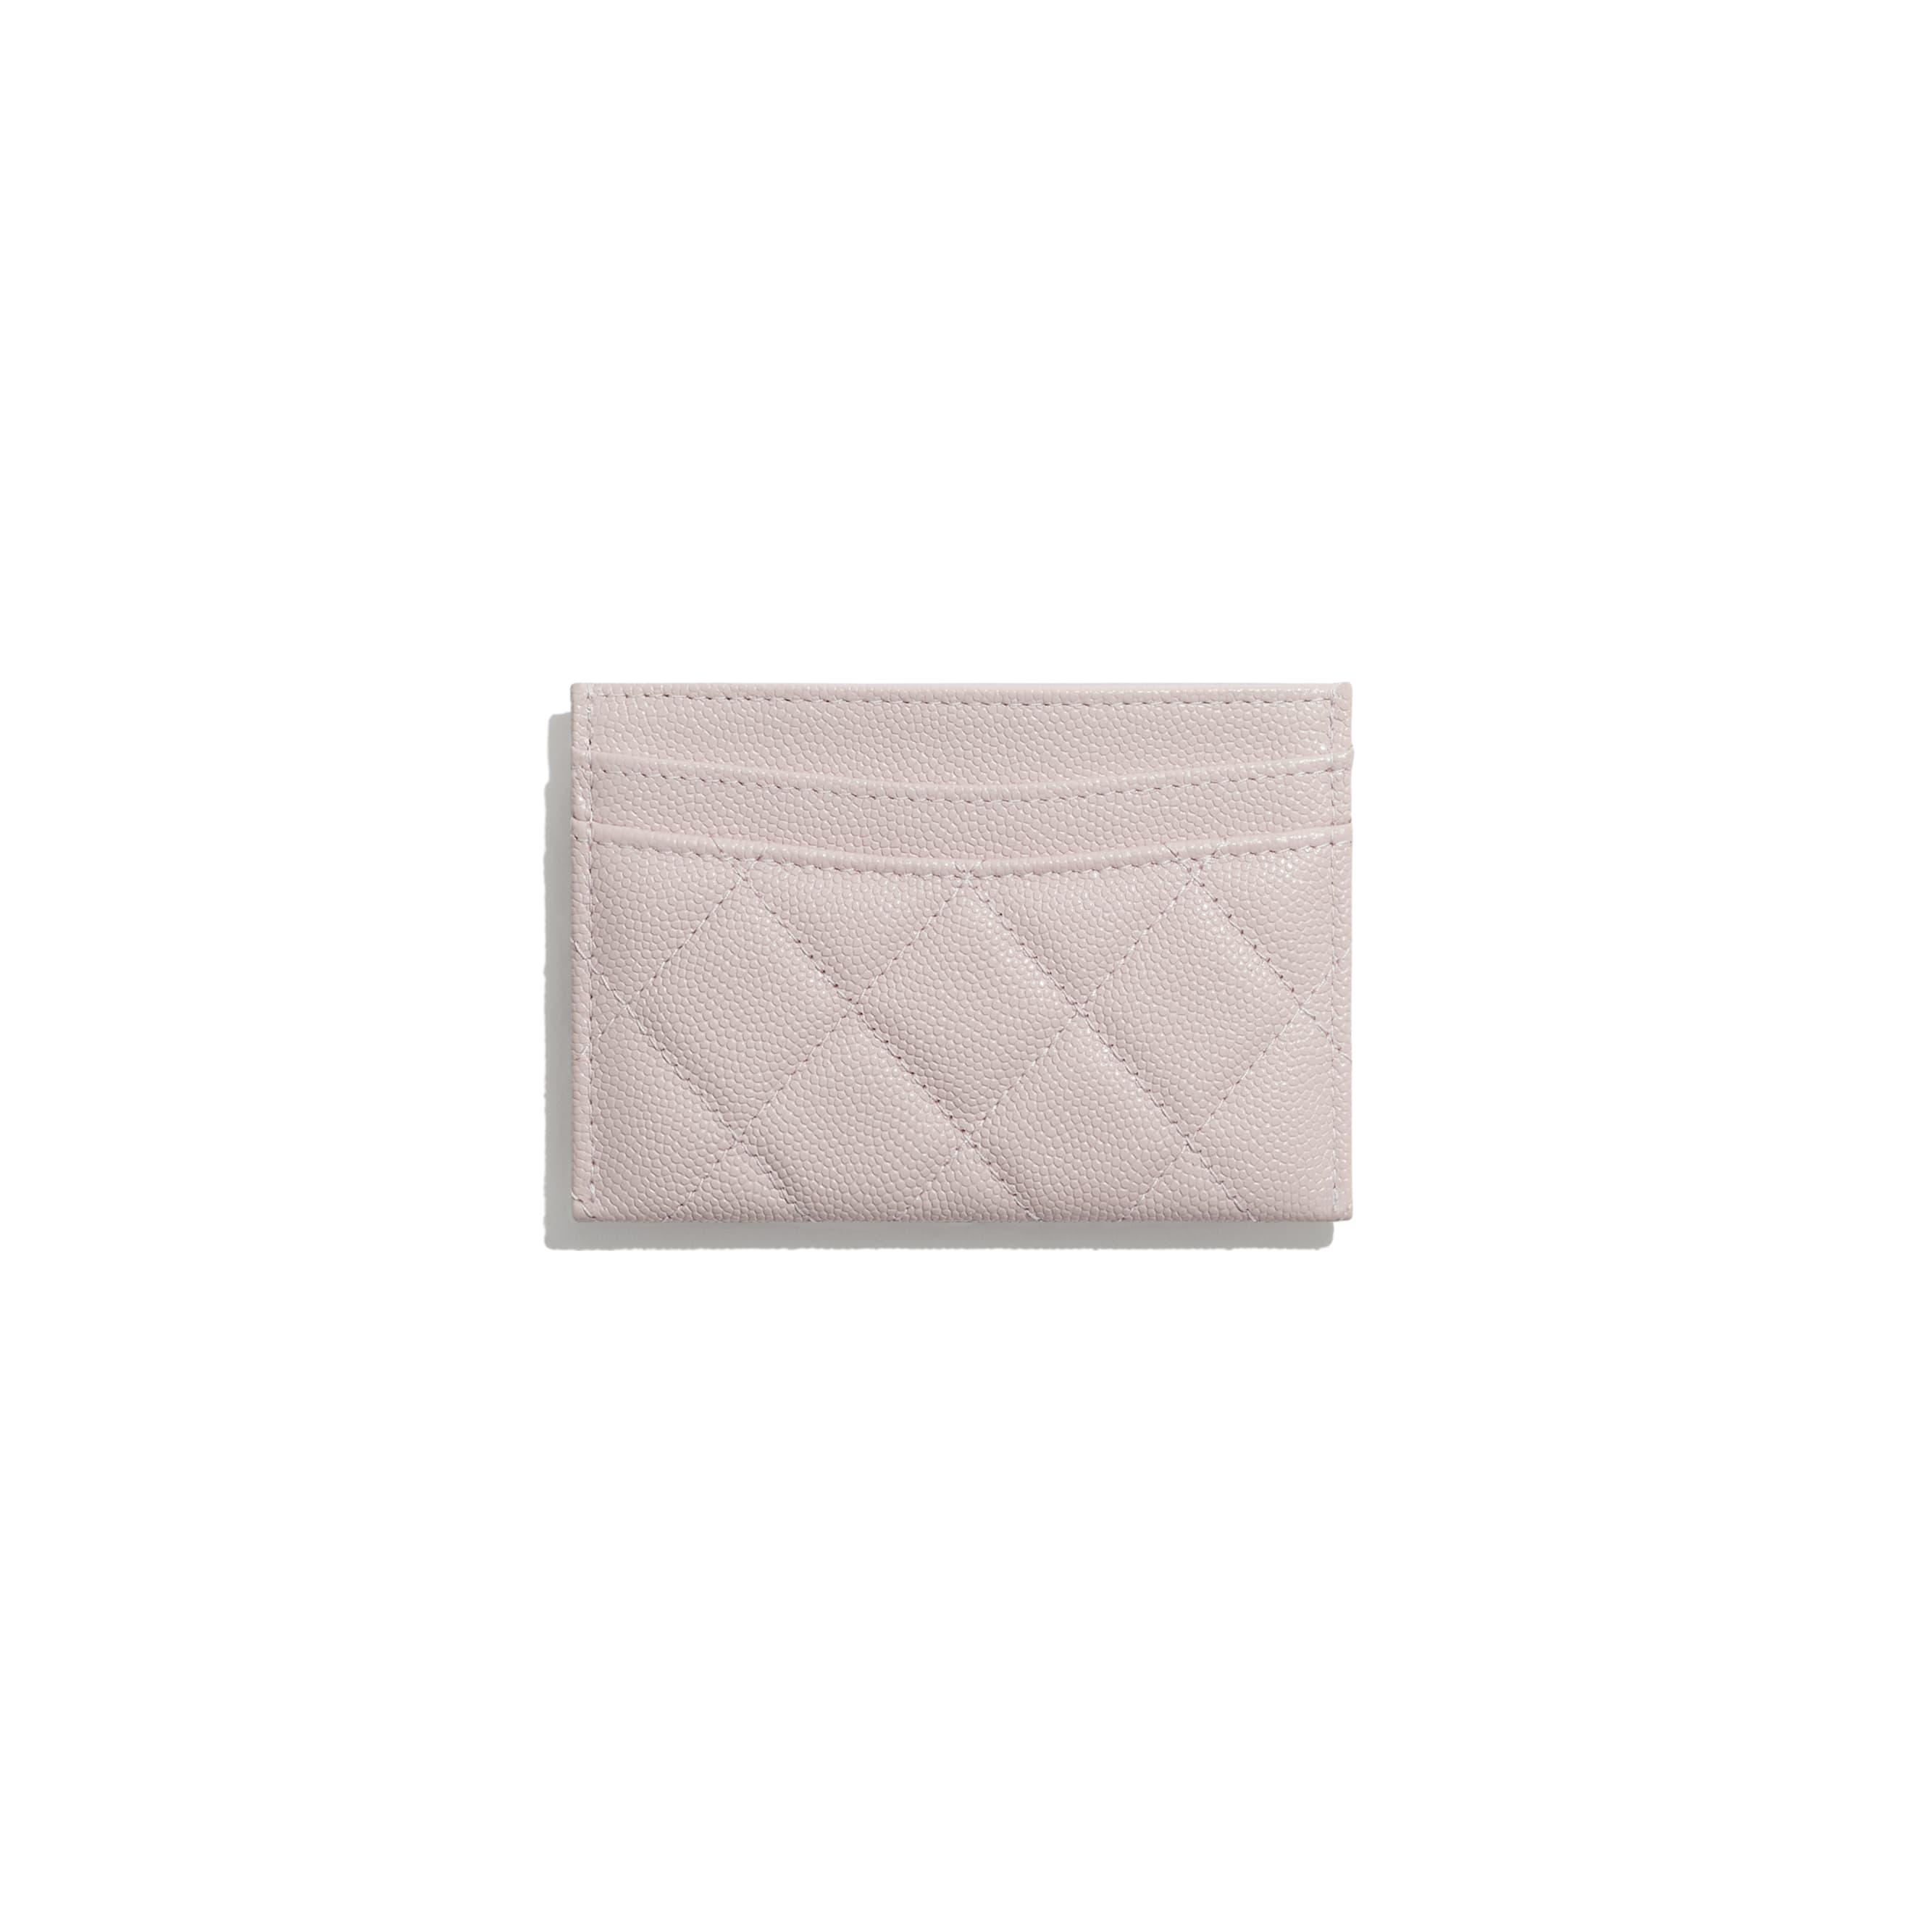 Визитница - Светло-розовый - Зернистая кожа теленка и золотистый металл - CHANEL - Альтернативный вид - посмотреть изображение стандартного размера